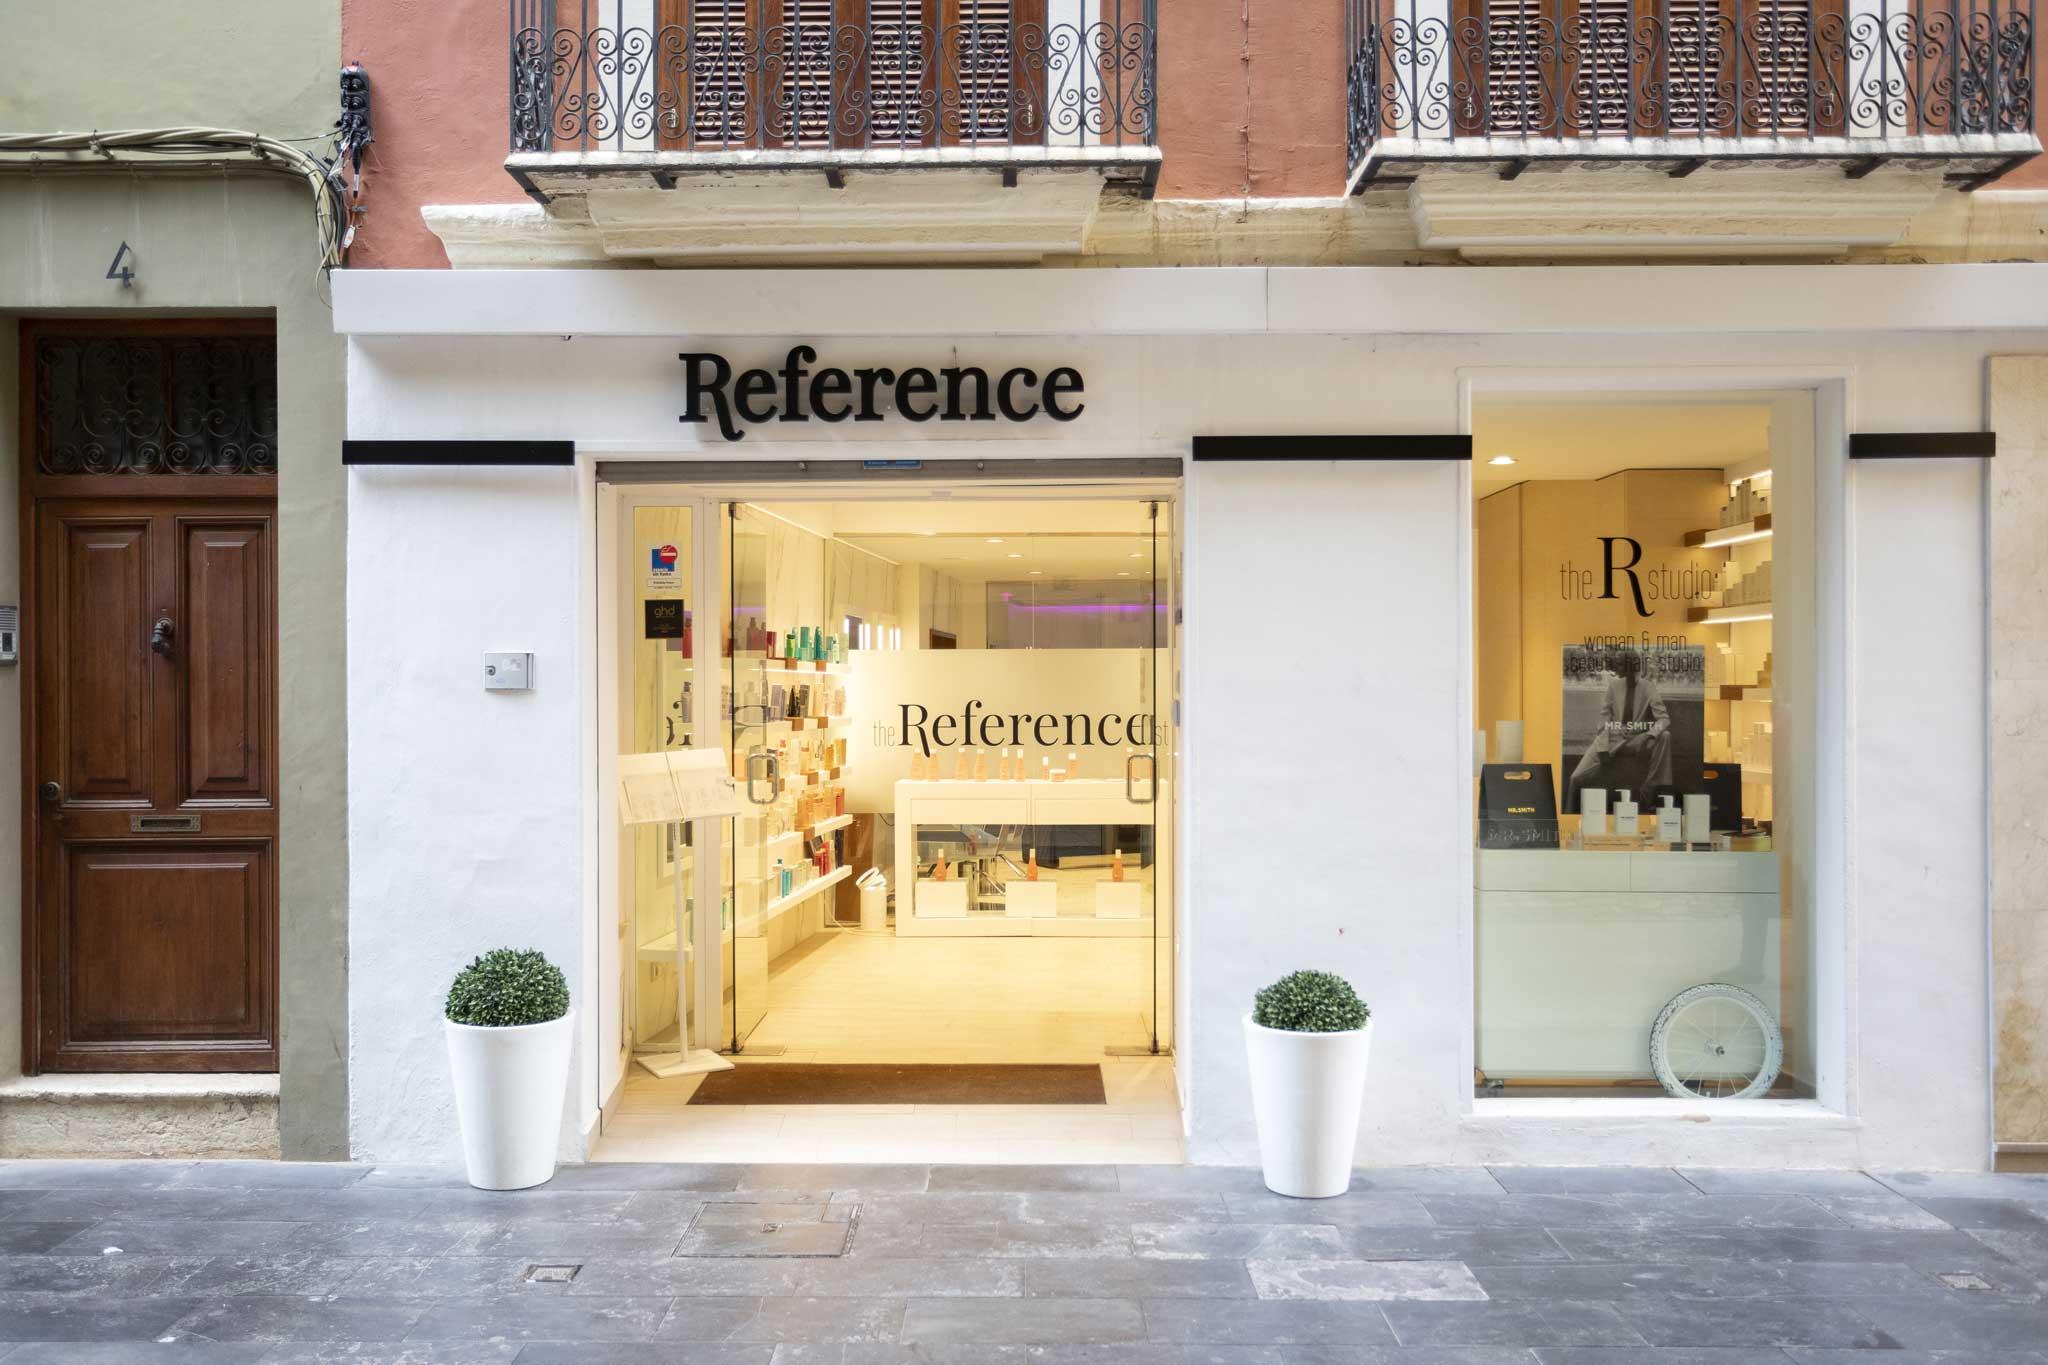 Mejor peluquería Denia – The Reference Studio